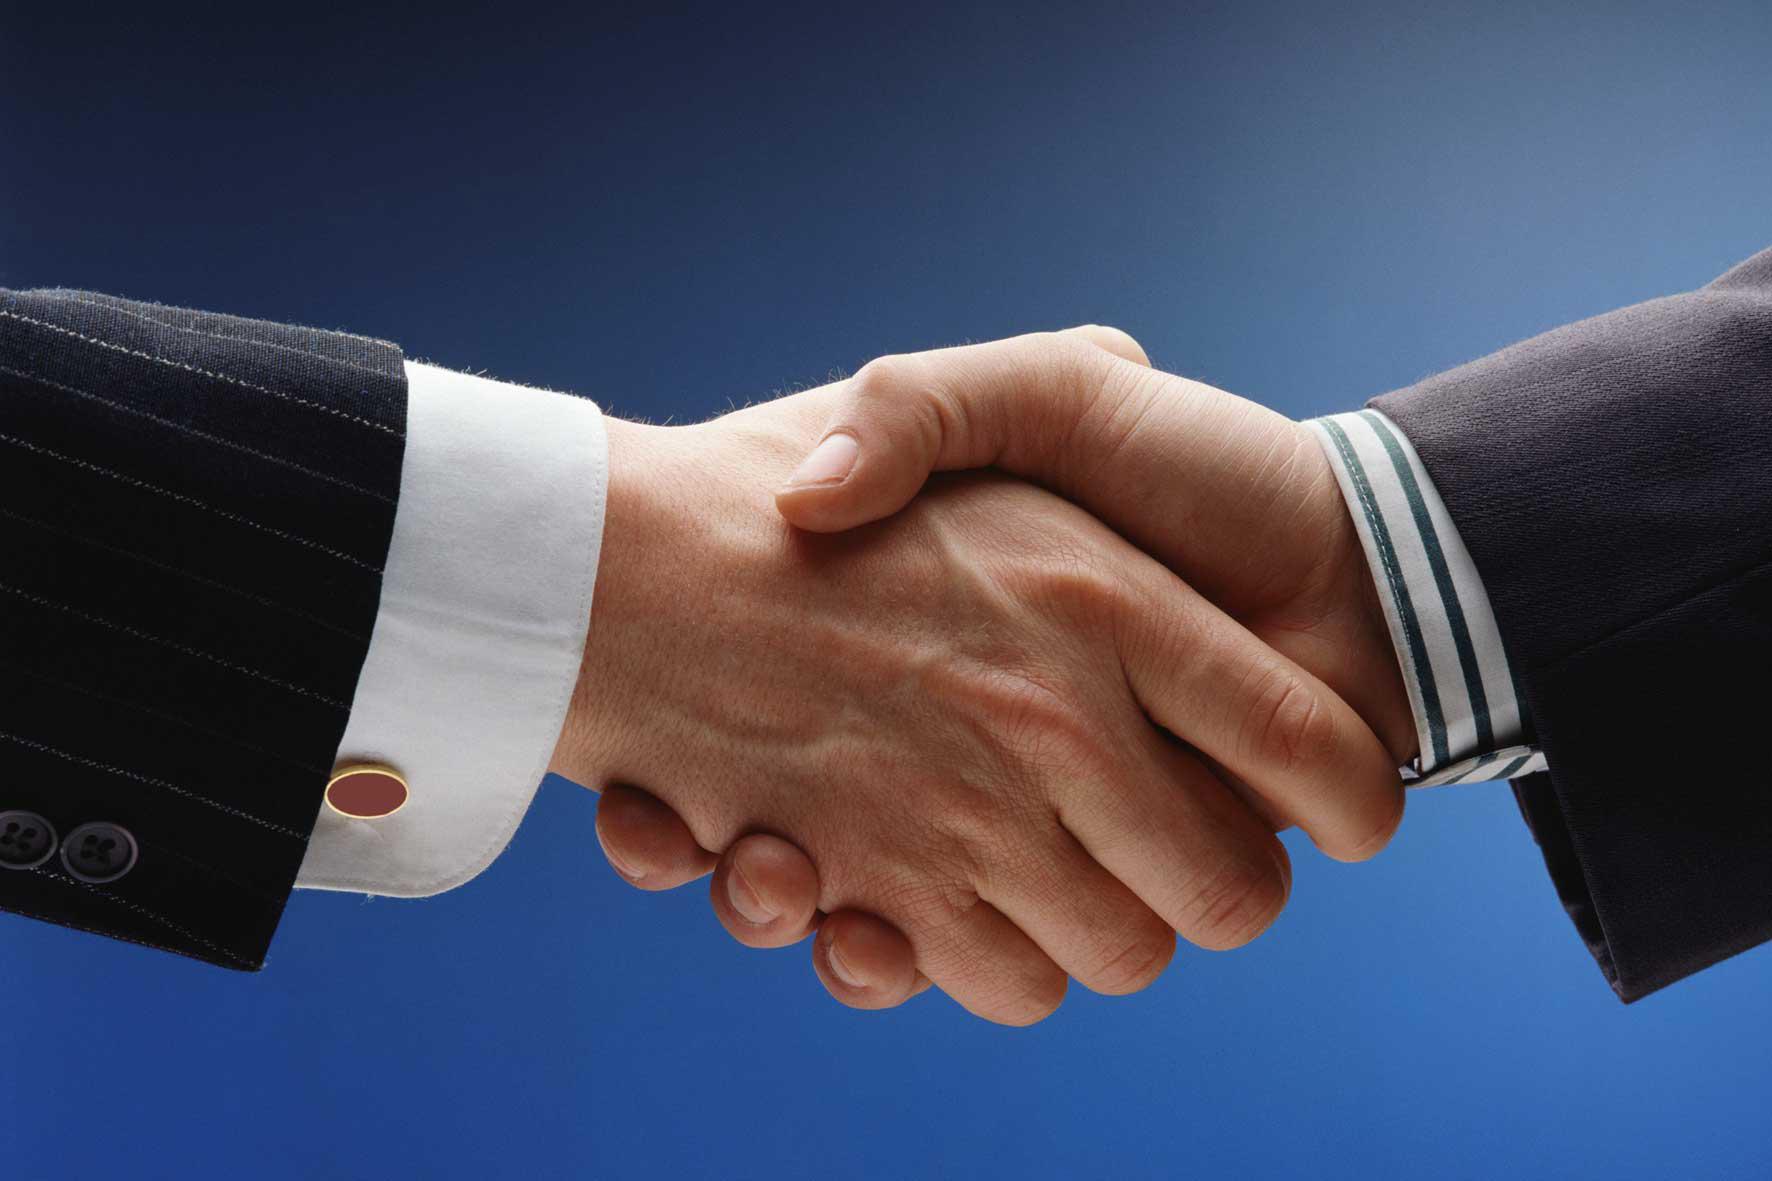 Nasze Partnerstwo. Nasz Czas. Otwieramy Nową Erę